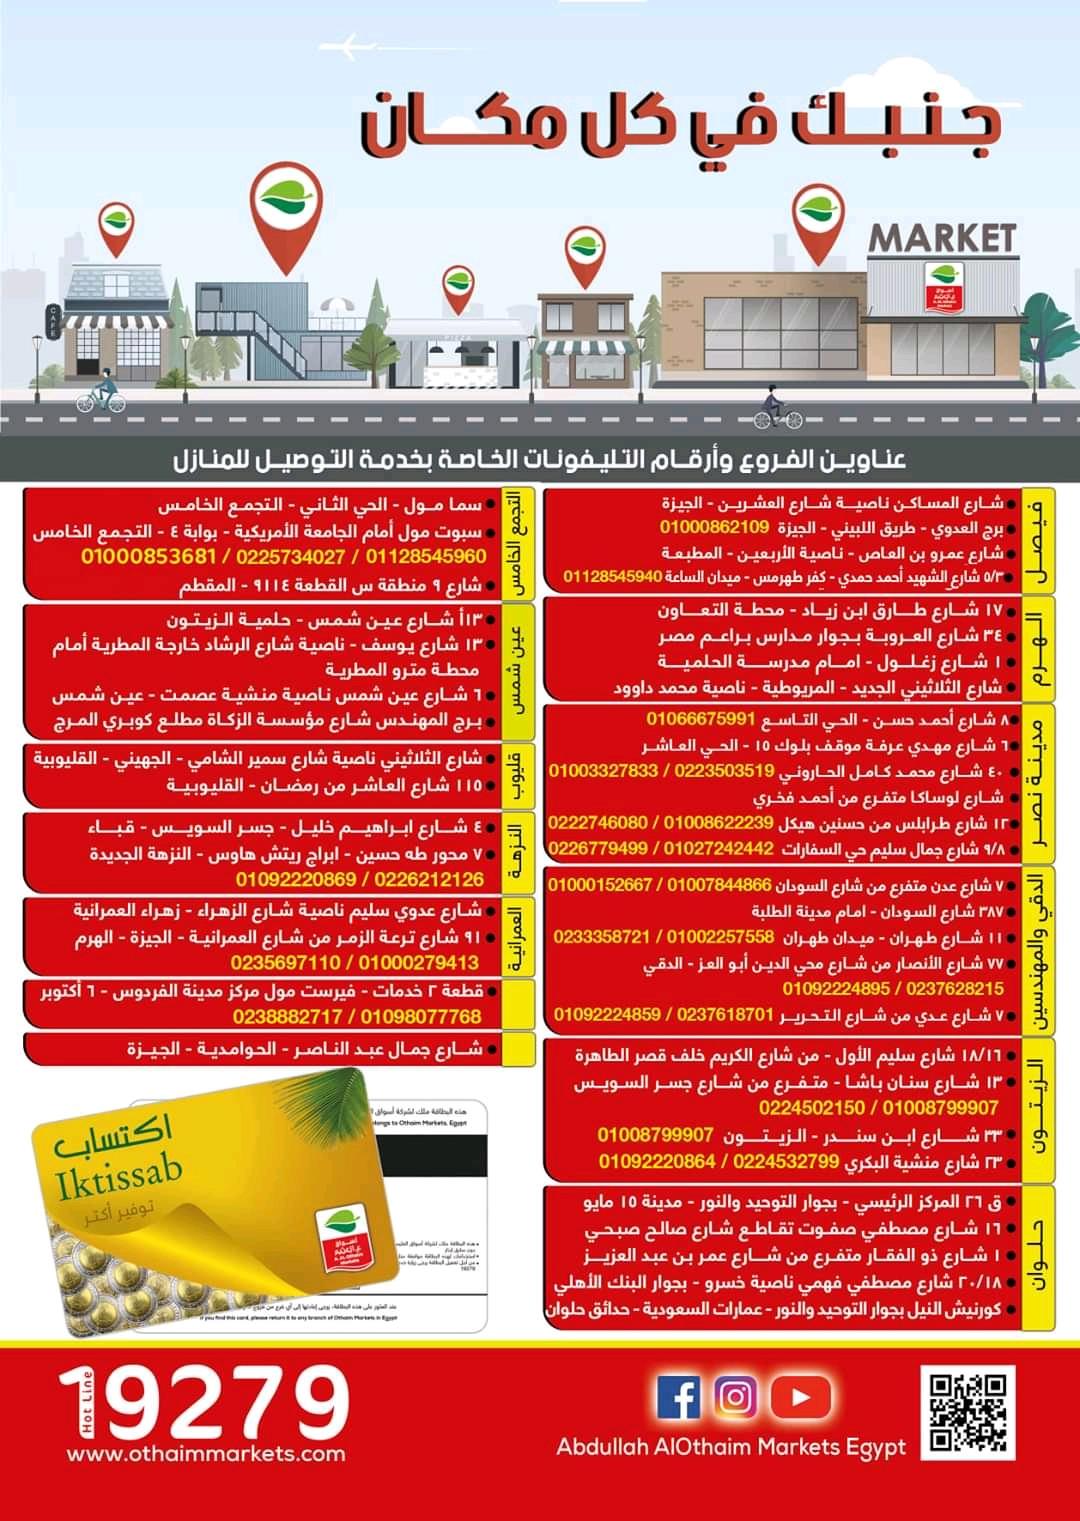 عروض العثيم مصر من 16 اكتوبر حتى 31 اكتوبر 2020 راجعين للمدرسة